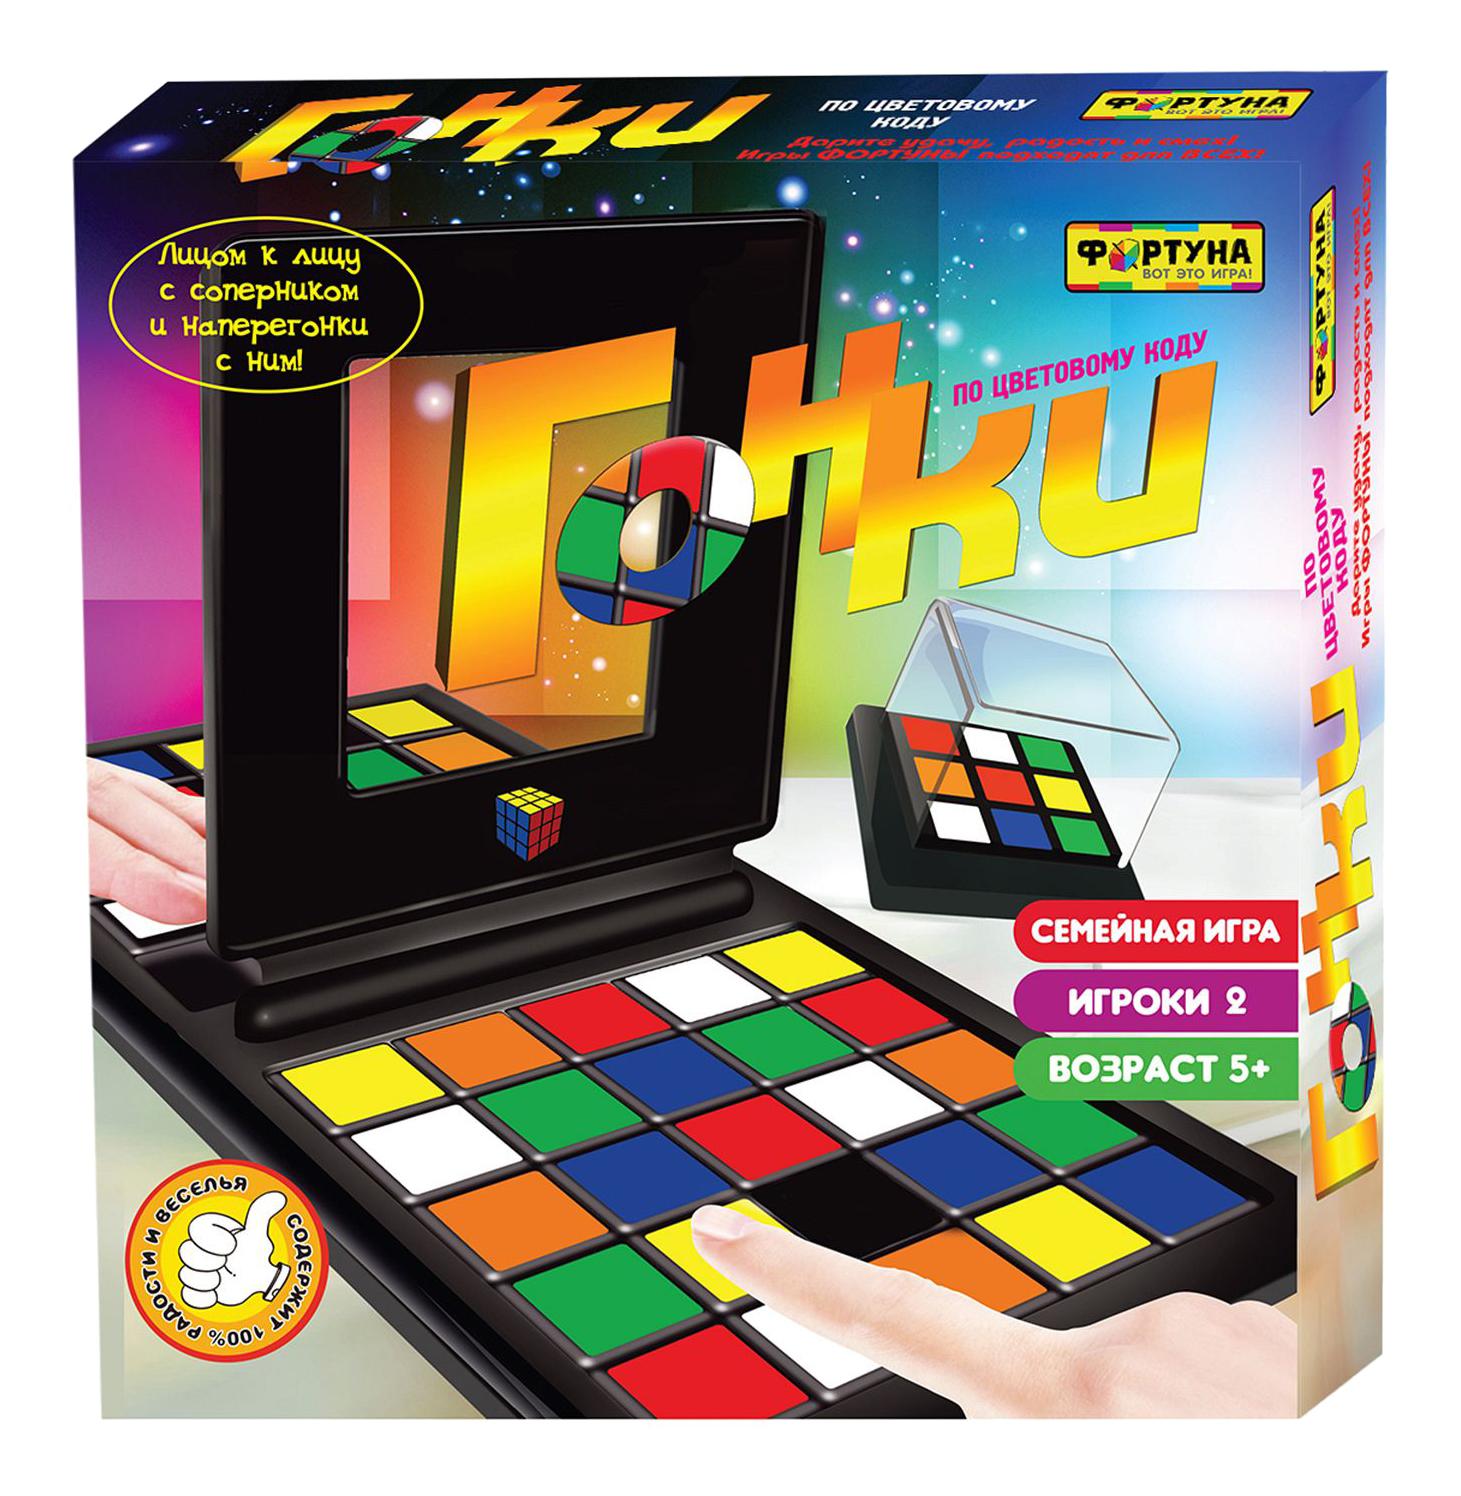 Купить Настольная игра Гонки по цветовому коду Фортуна, Семейные настольные игры